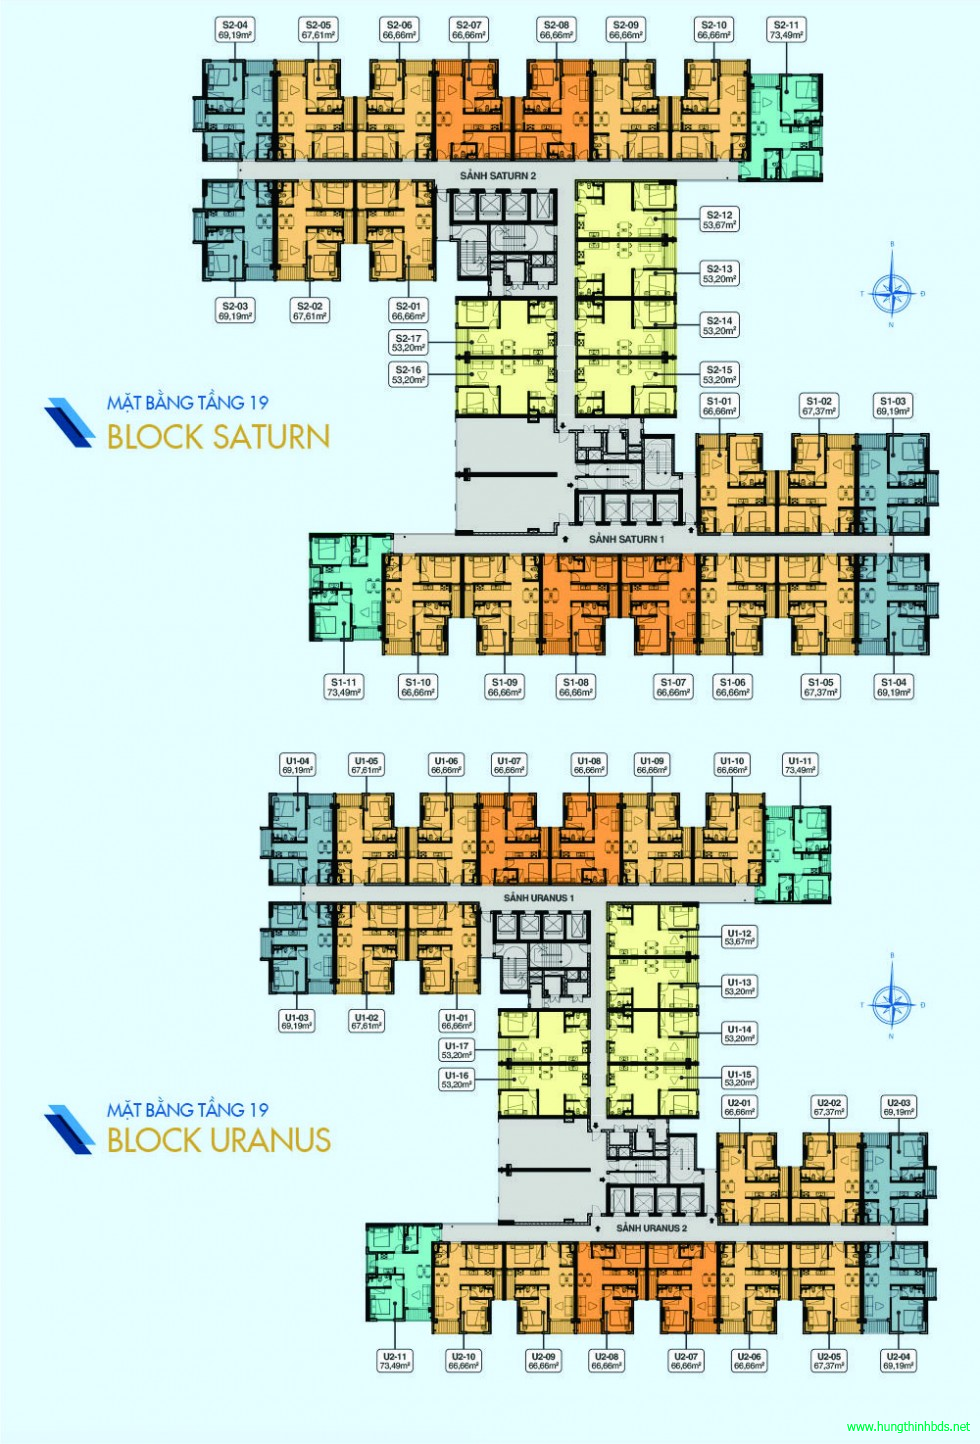 mặt bằng căn hộ tầng 19 q7 sài gòn riverside complex